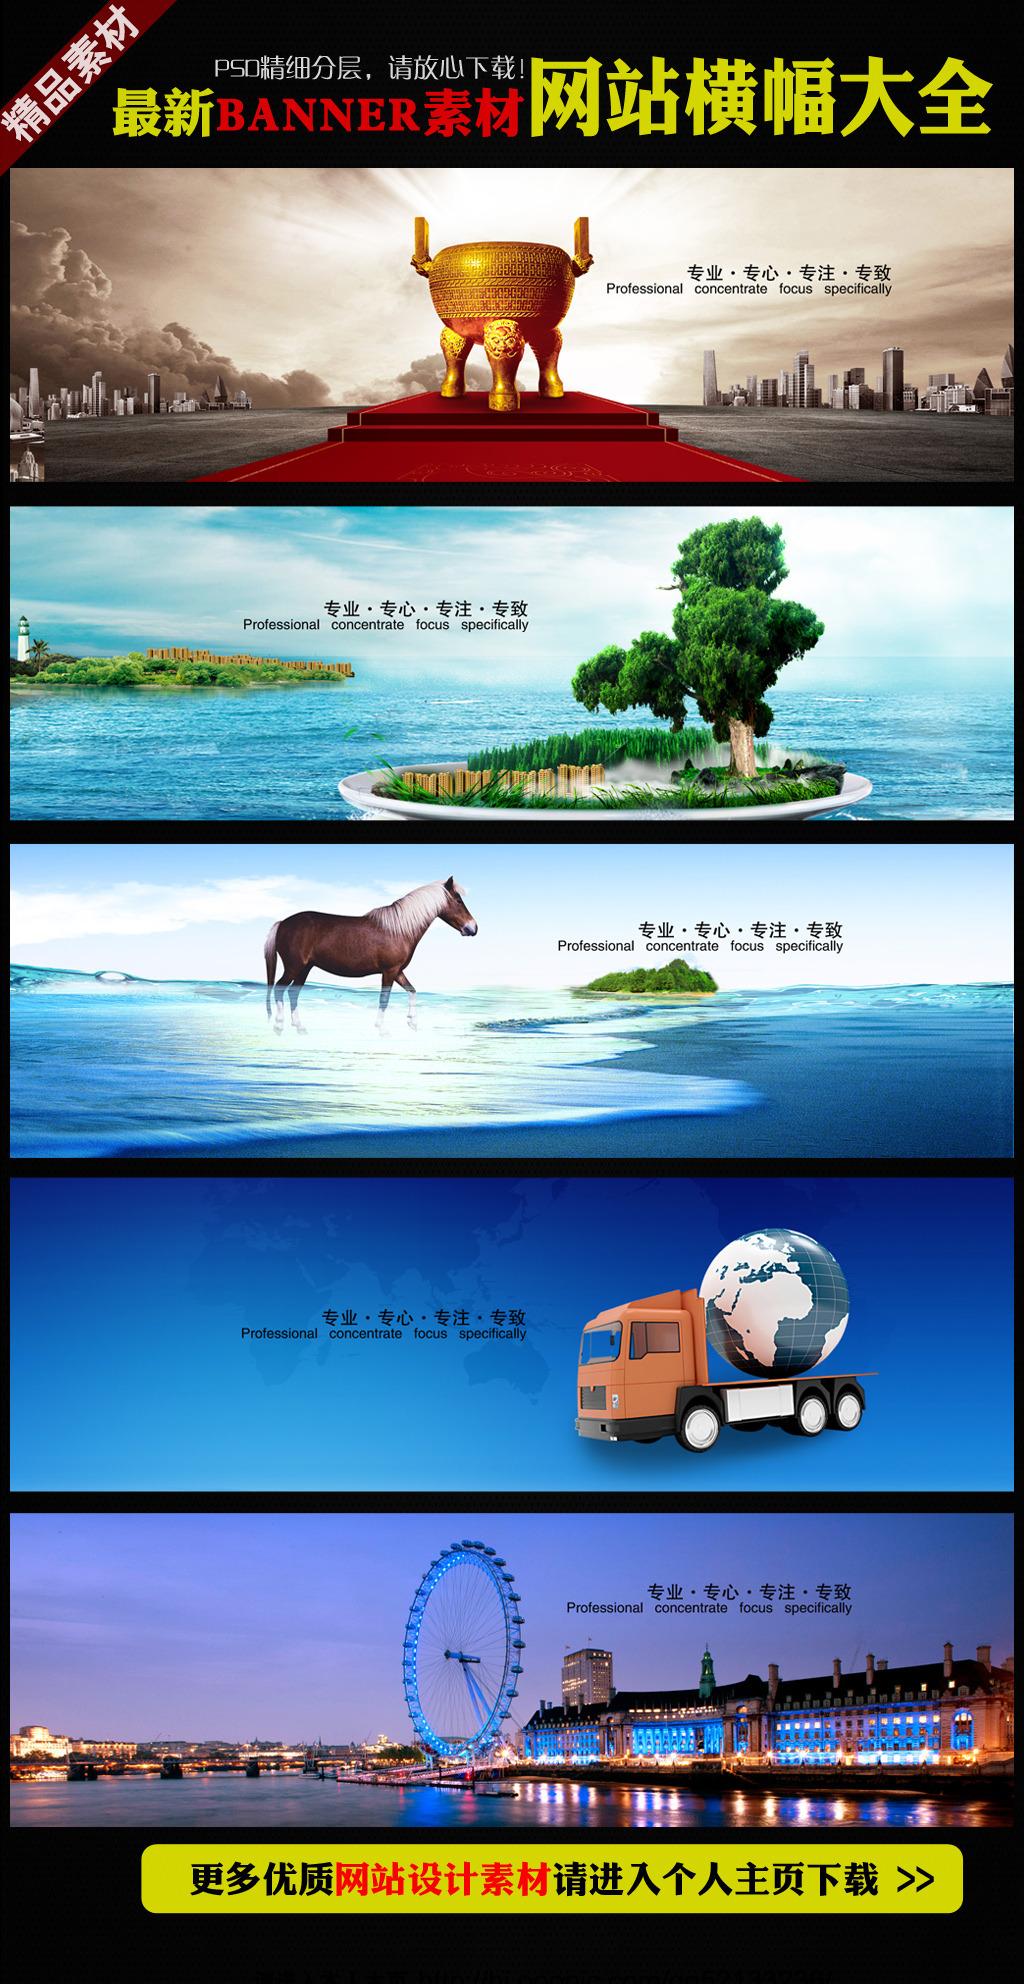 网站横幅banner广告条设计下载